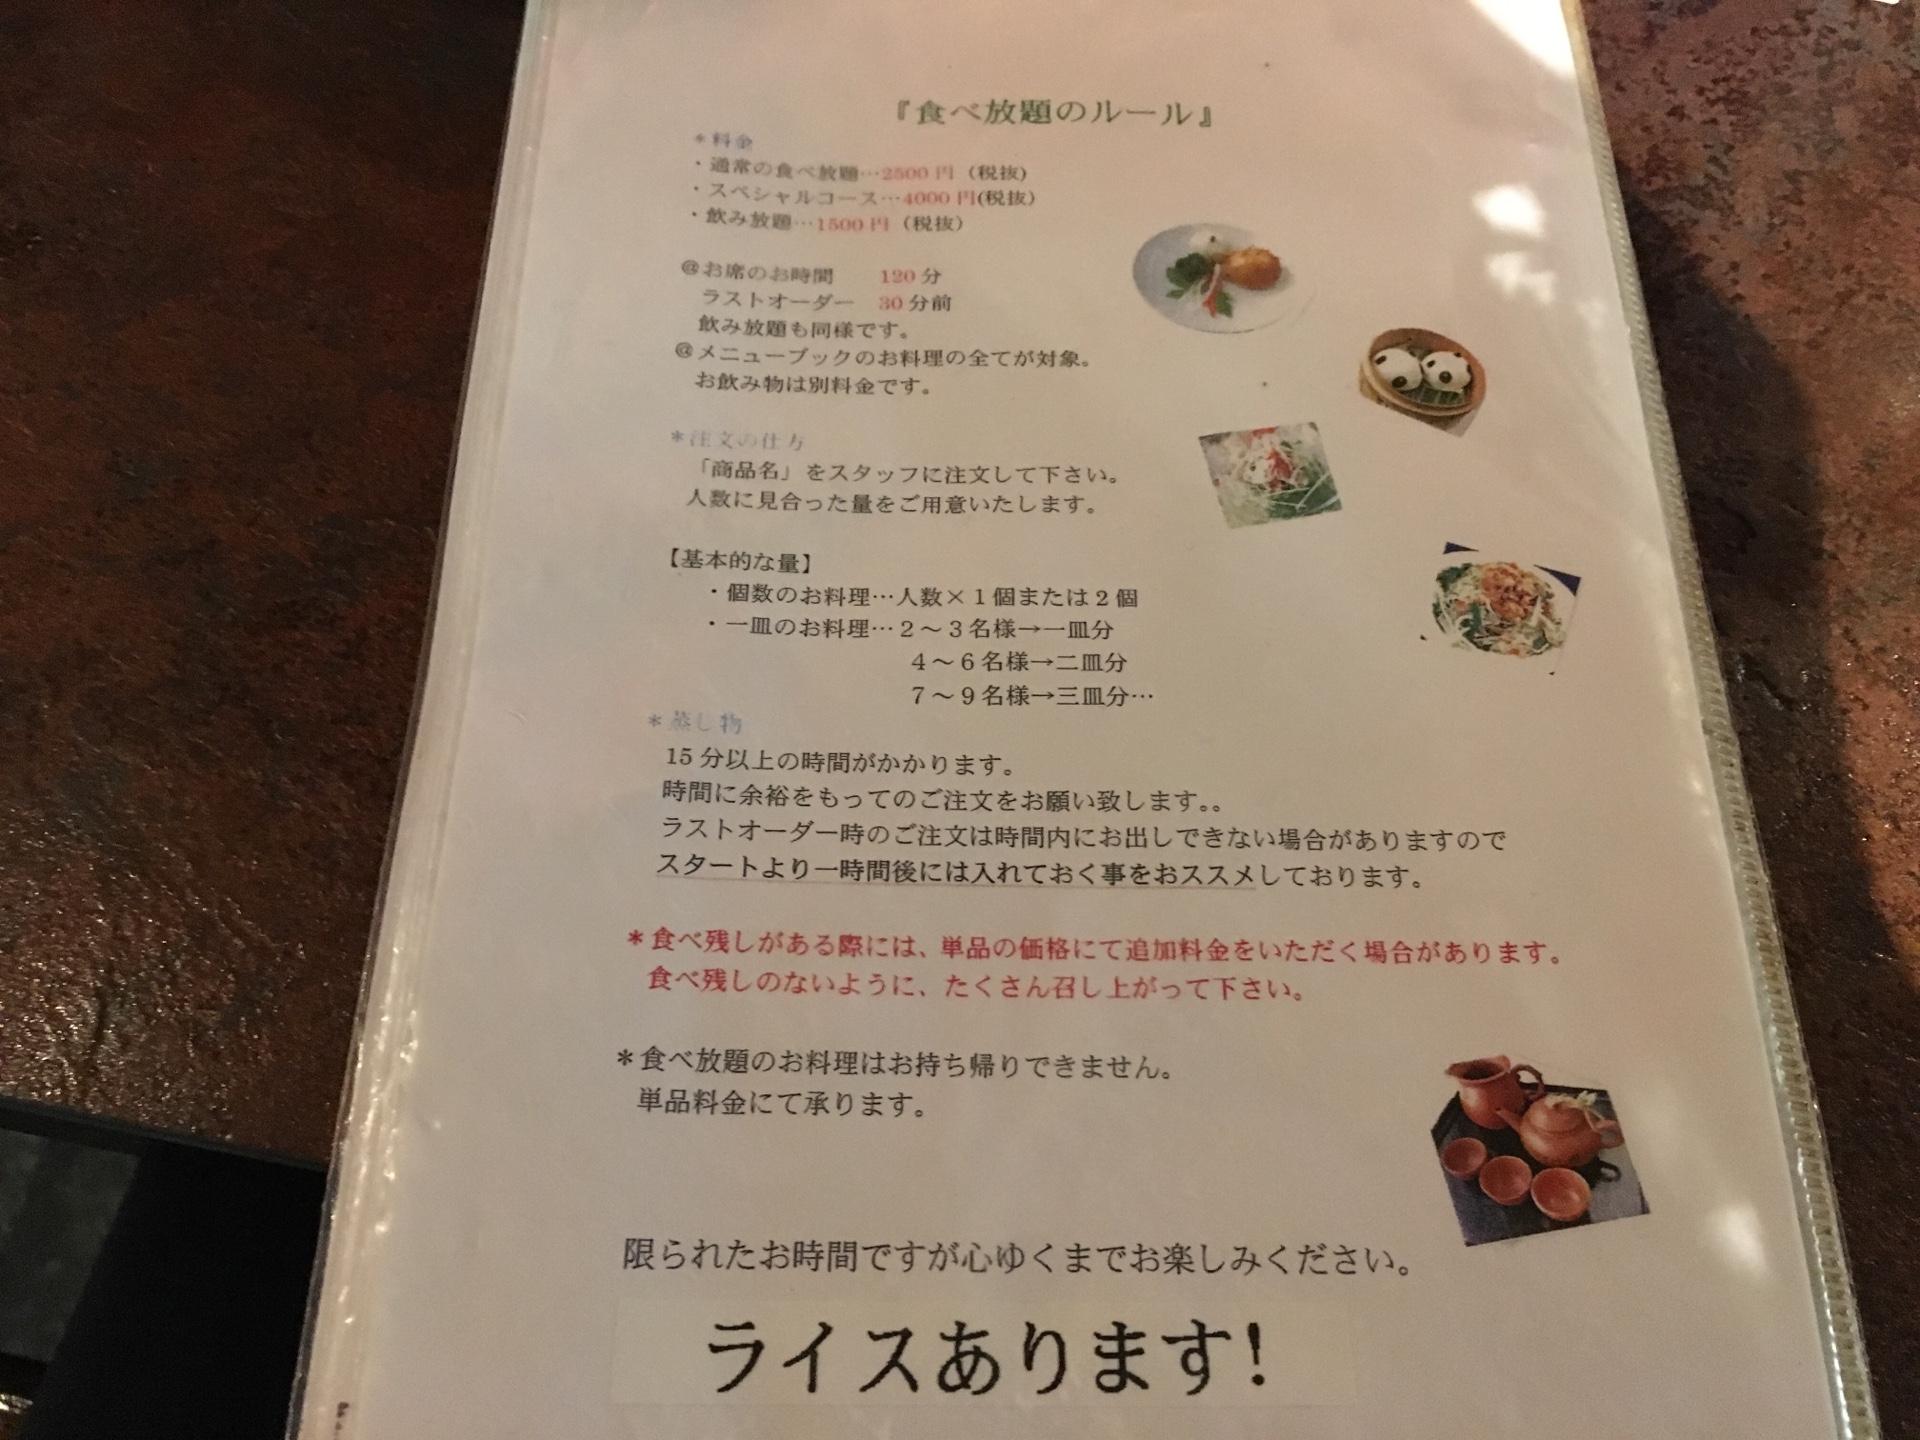 【池袋駅】飲茶専門店で中国・台湾料理が食べ放題2500円「 中国茶館」の食べ放題メニュー